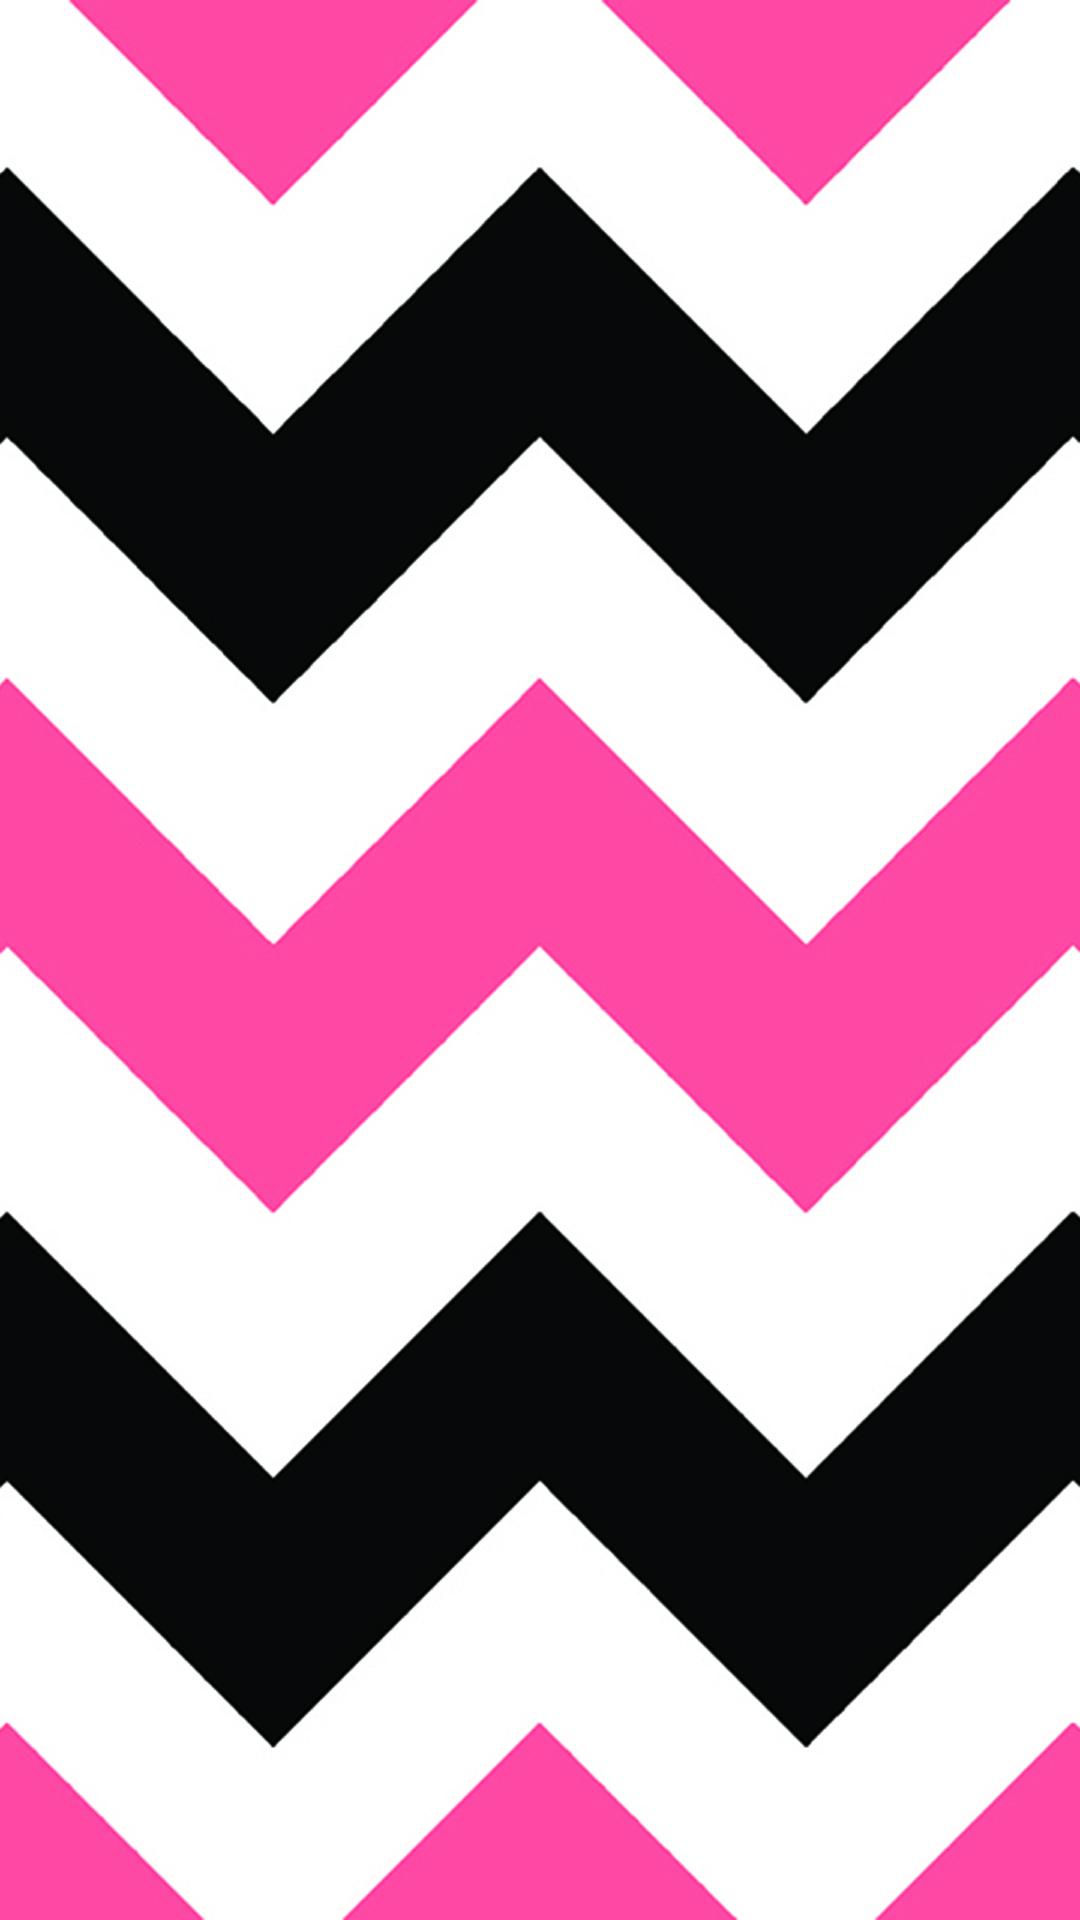 [46+] Pink Black and White Wallpaper on WallpaperSafari